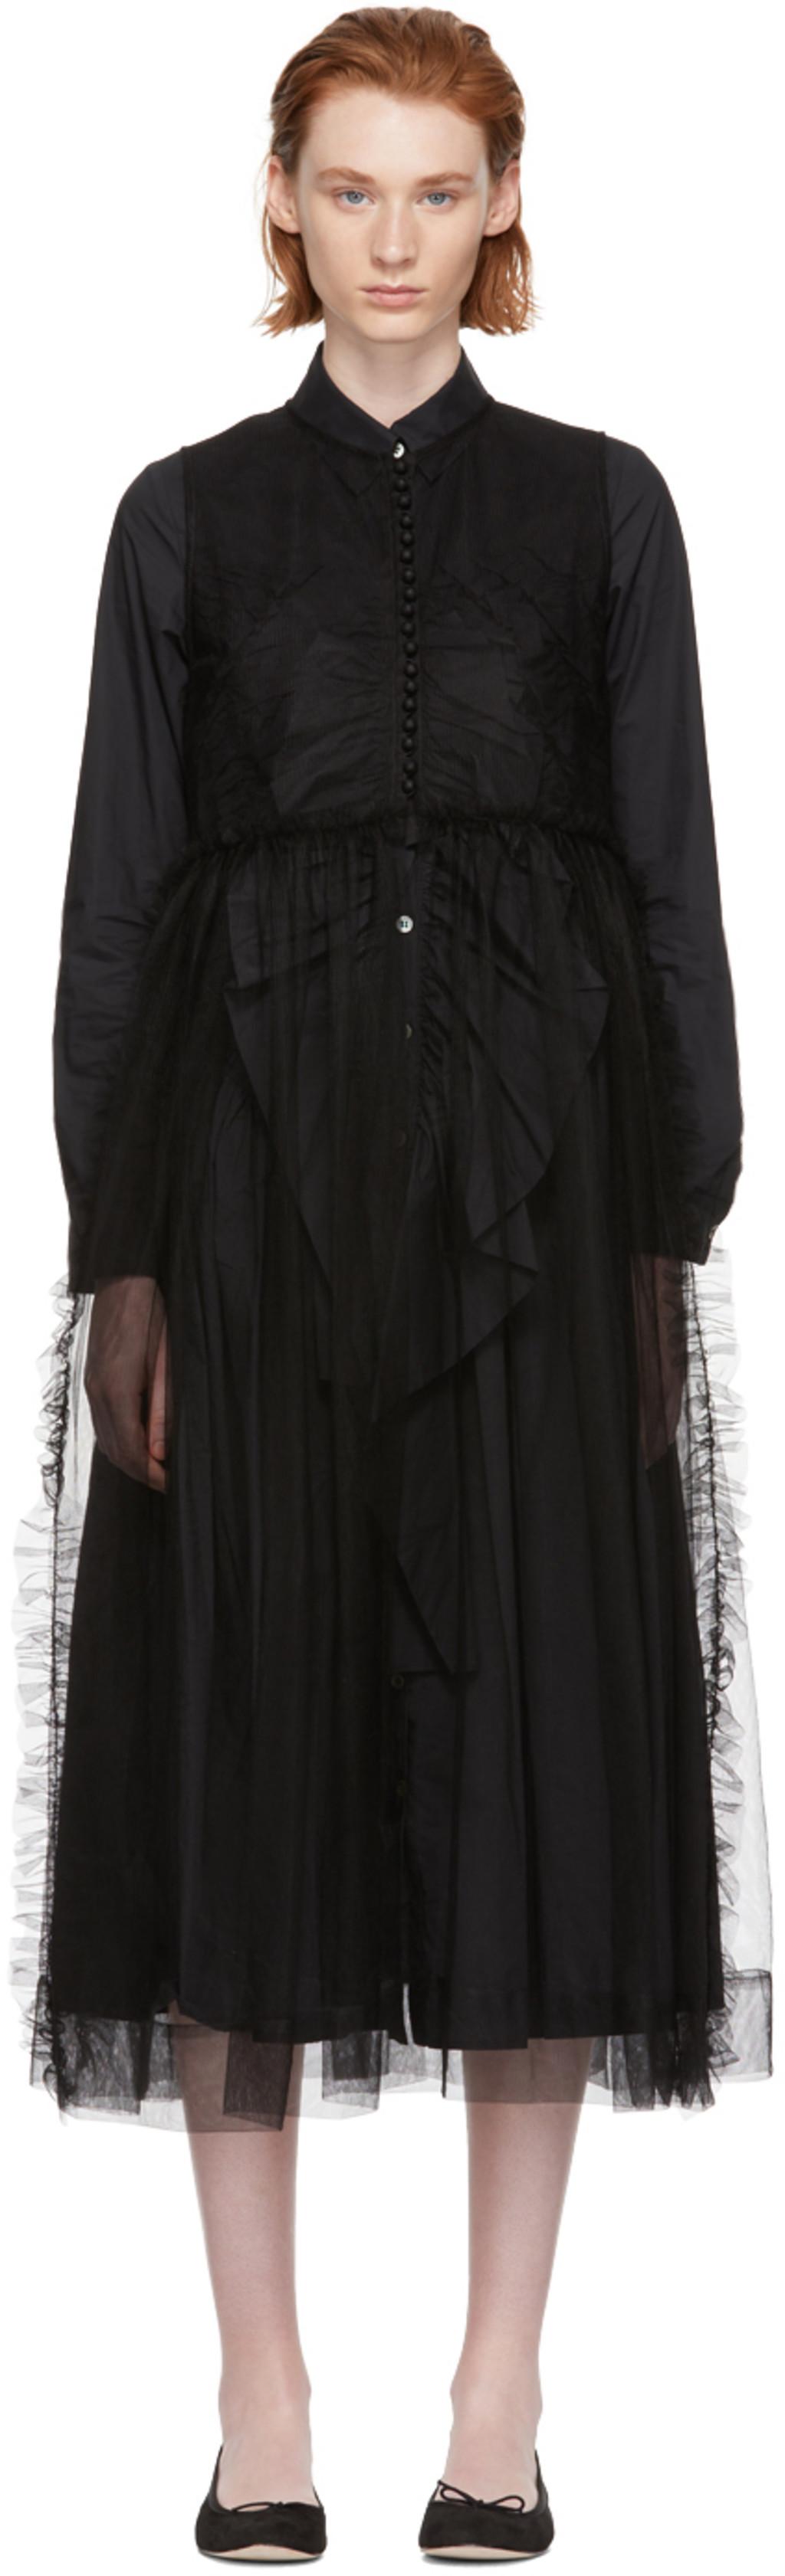 Chika Kisada Collection pour Femmes   SSENSE France 7704b9d7c98e